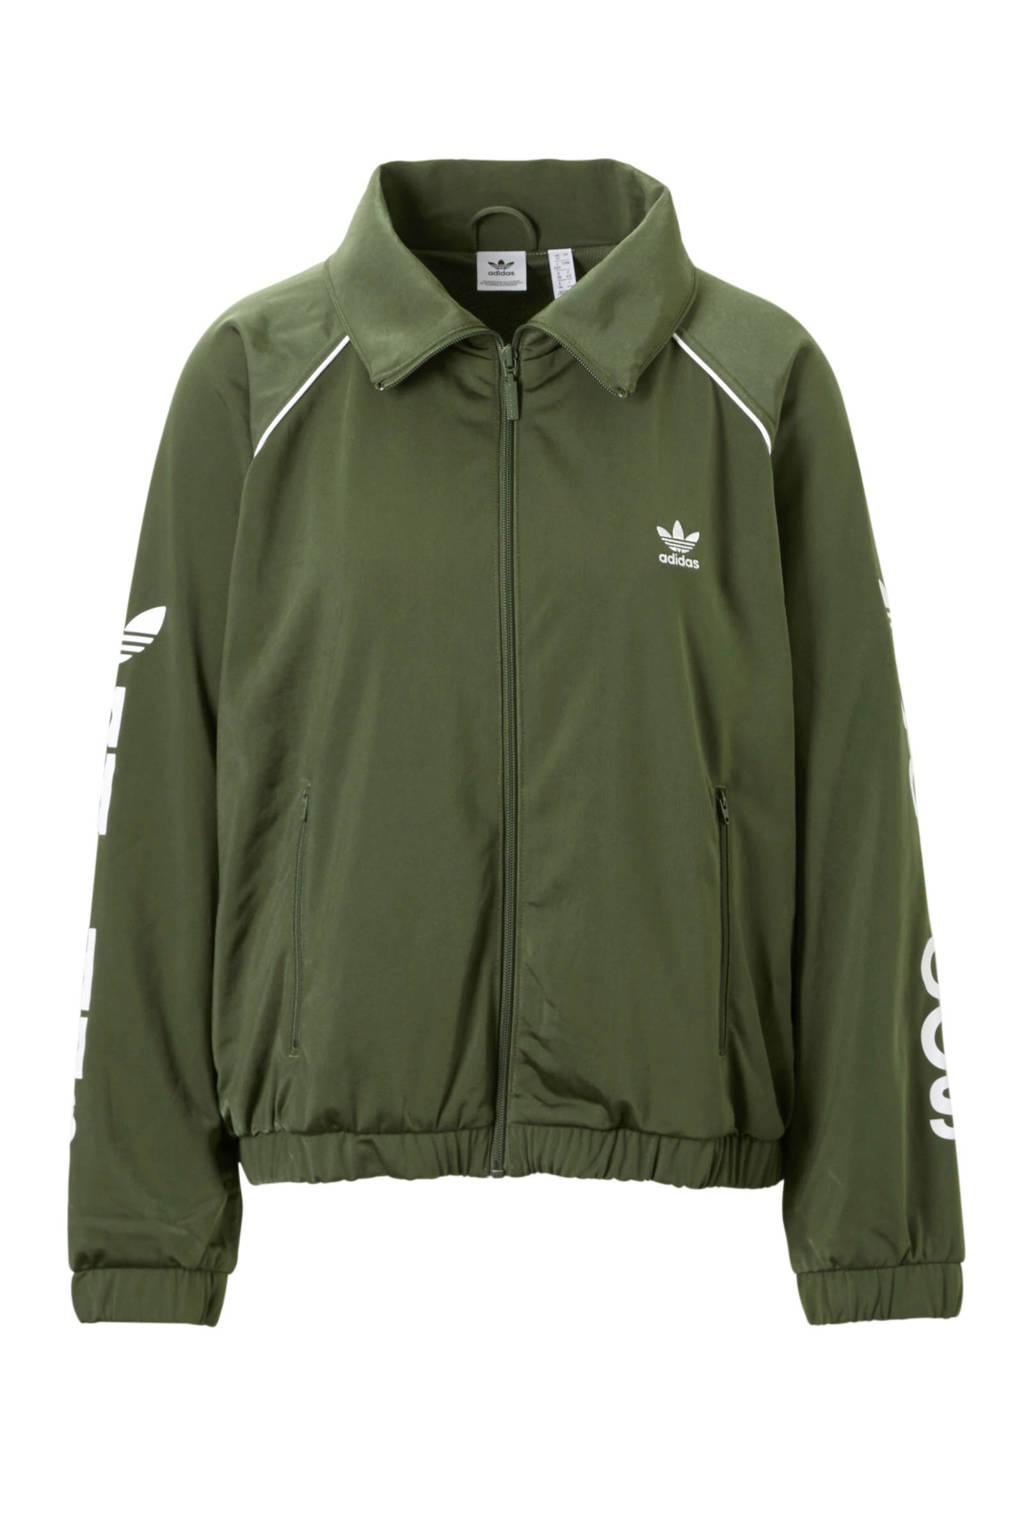 adidas Originals vest olijfgroen, Olijfgroen/wit